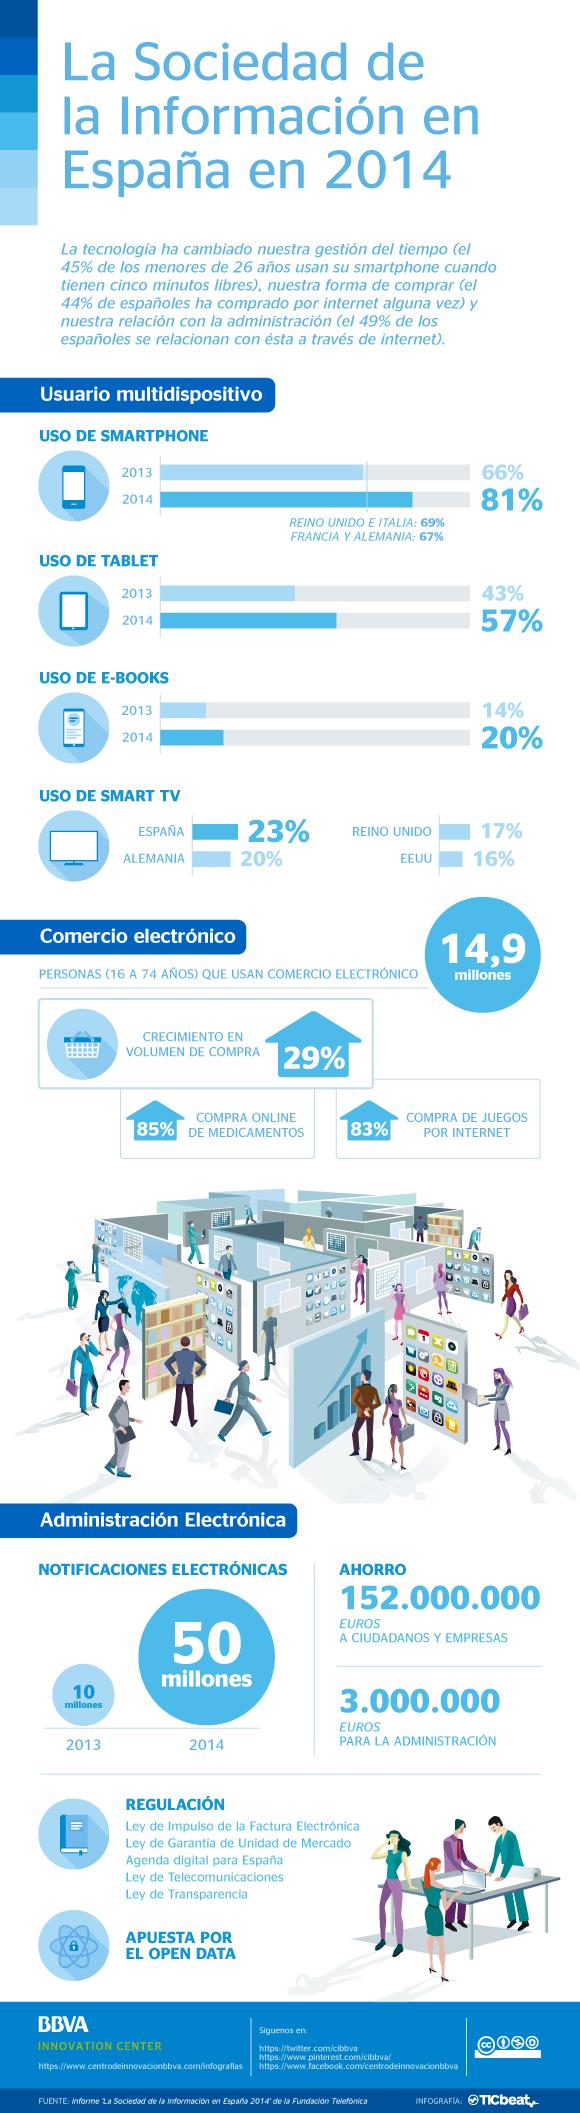 Sociedad de la información en España 2014